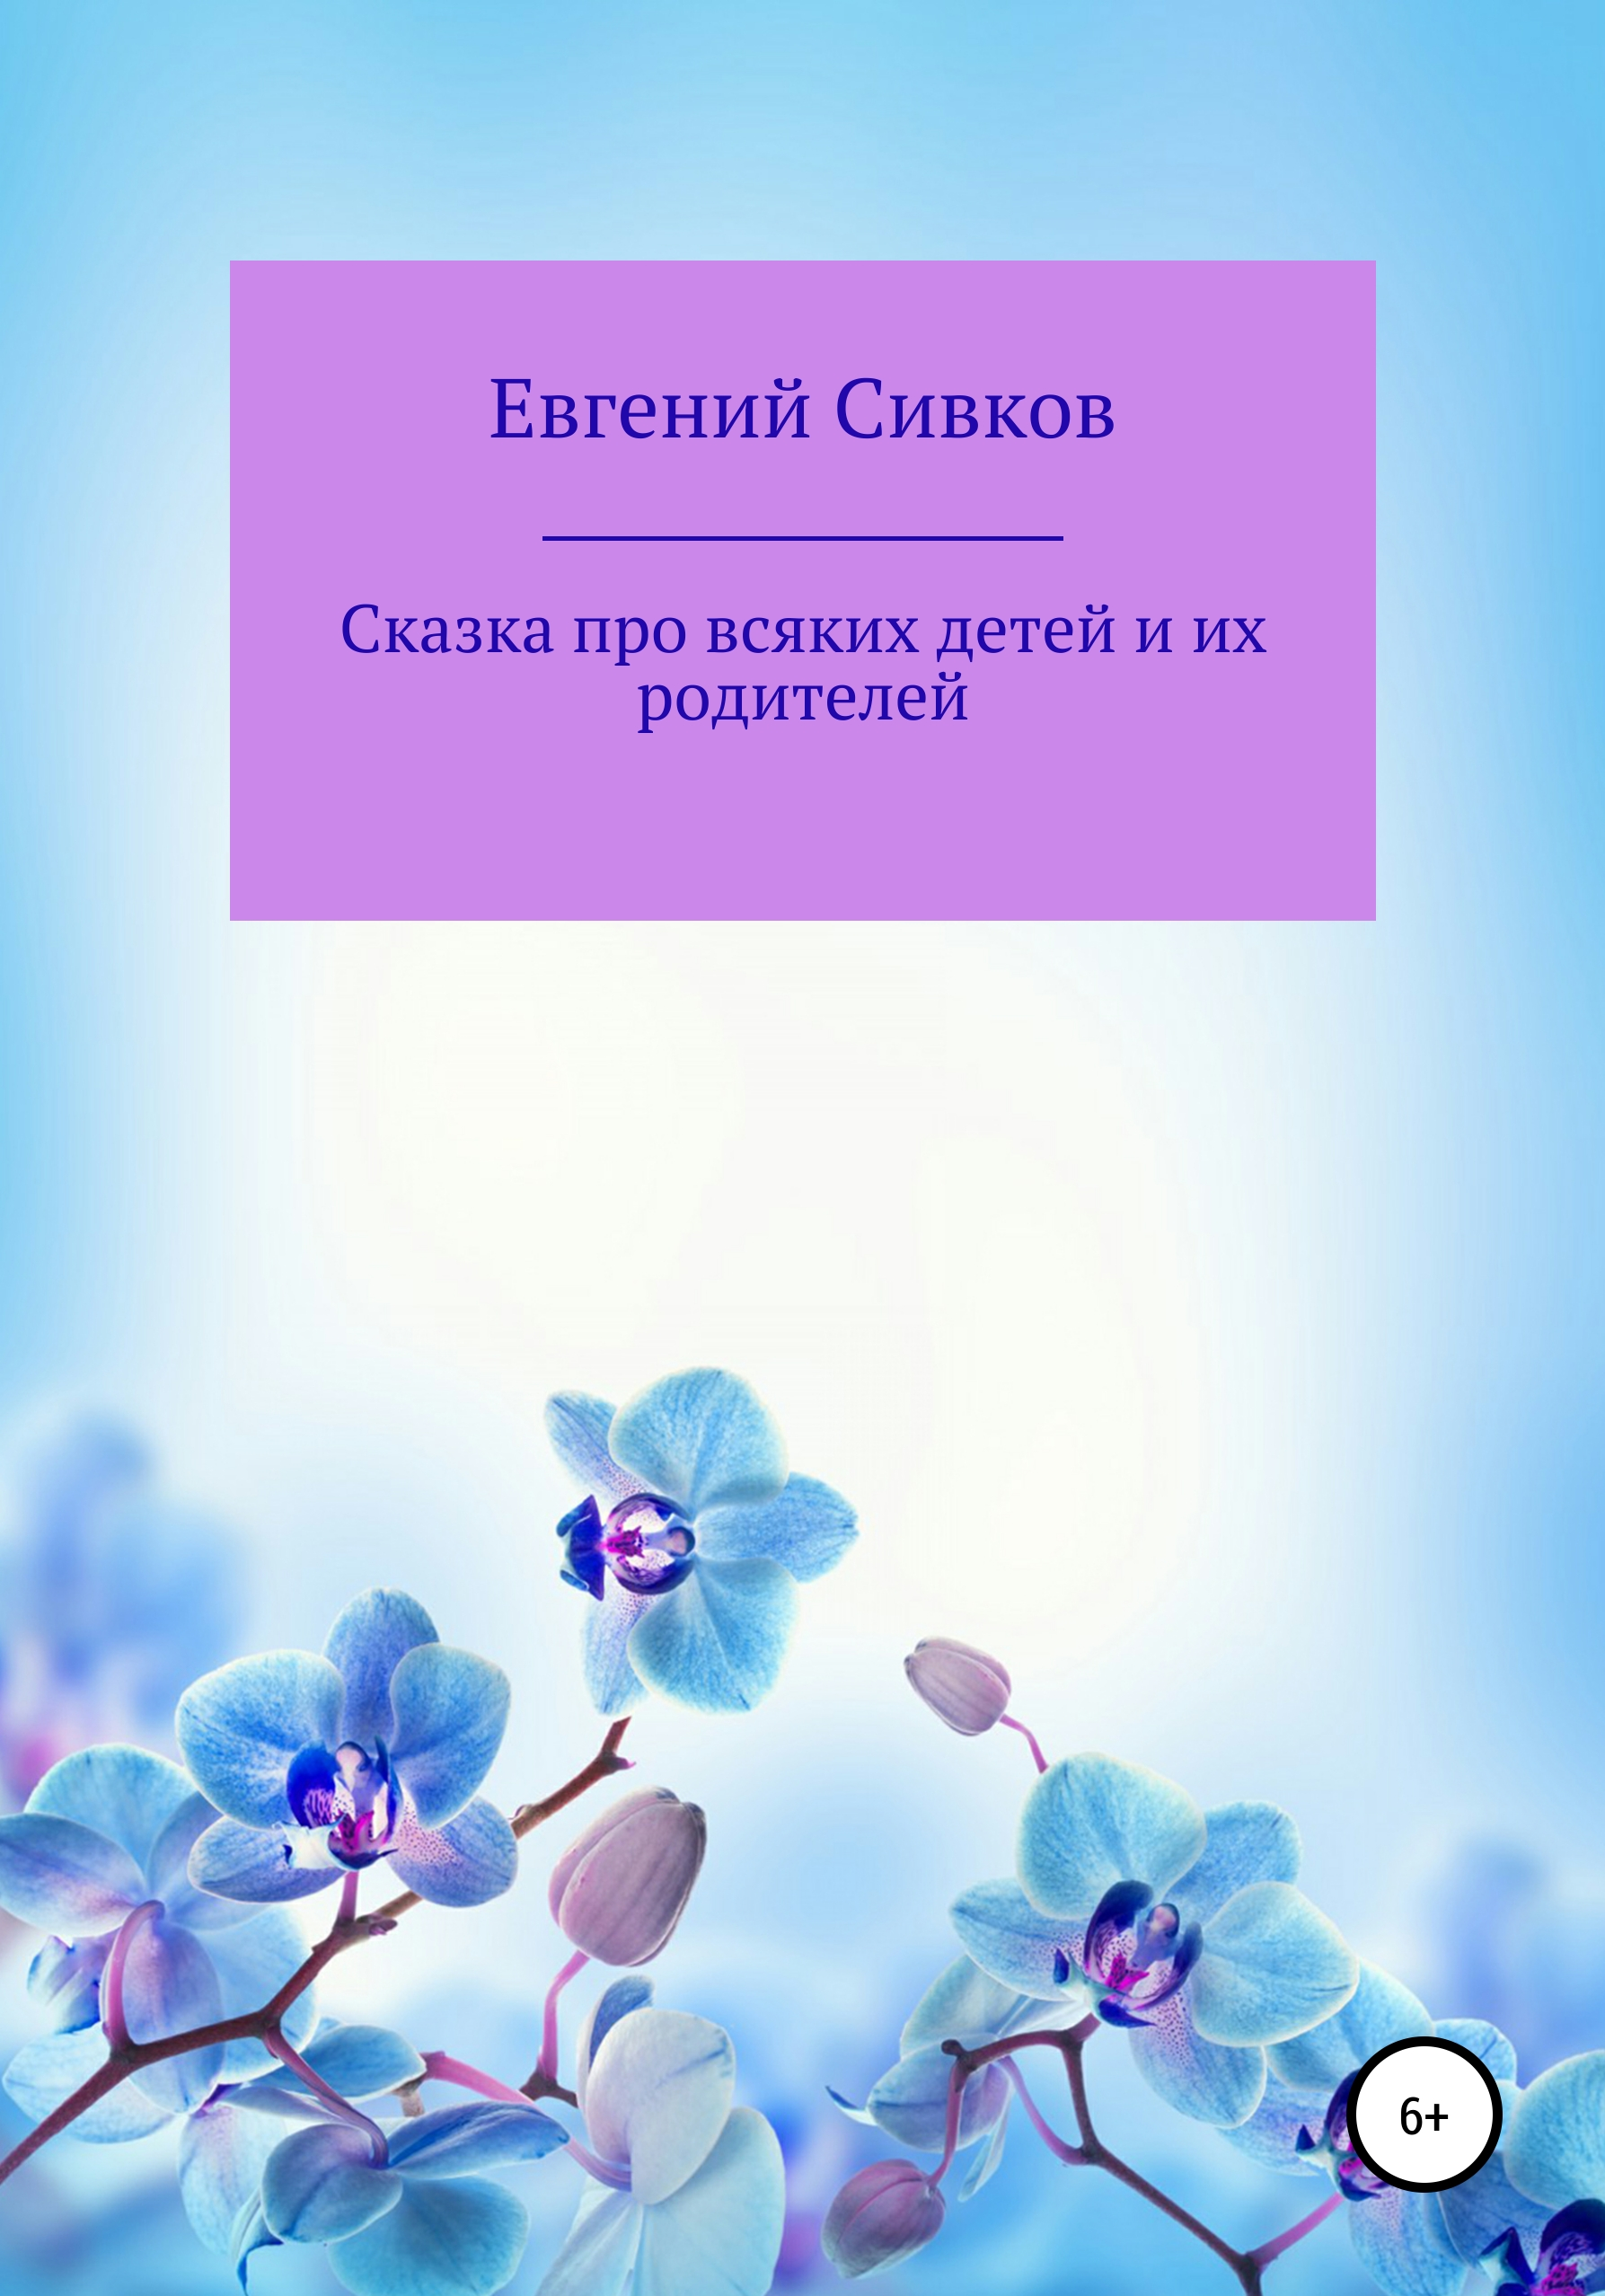 Евгений Сивков - Сказка про всяких детей и их родителей